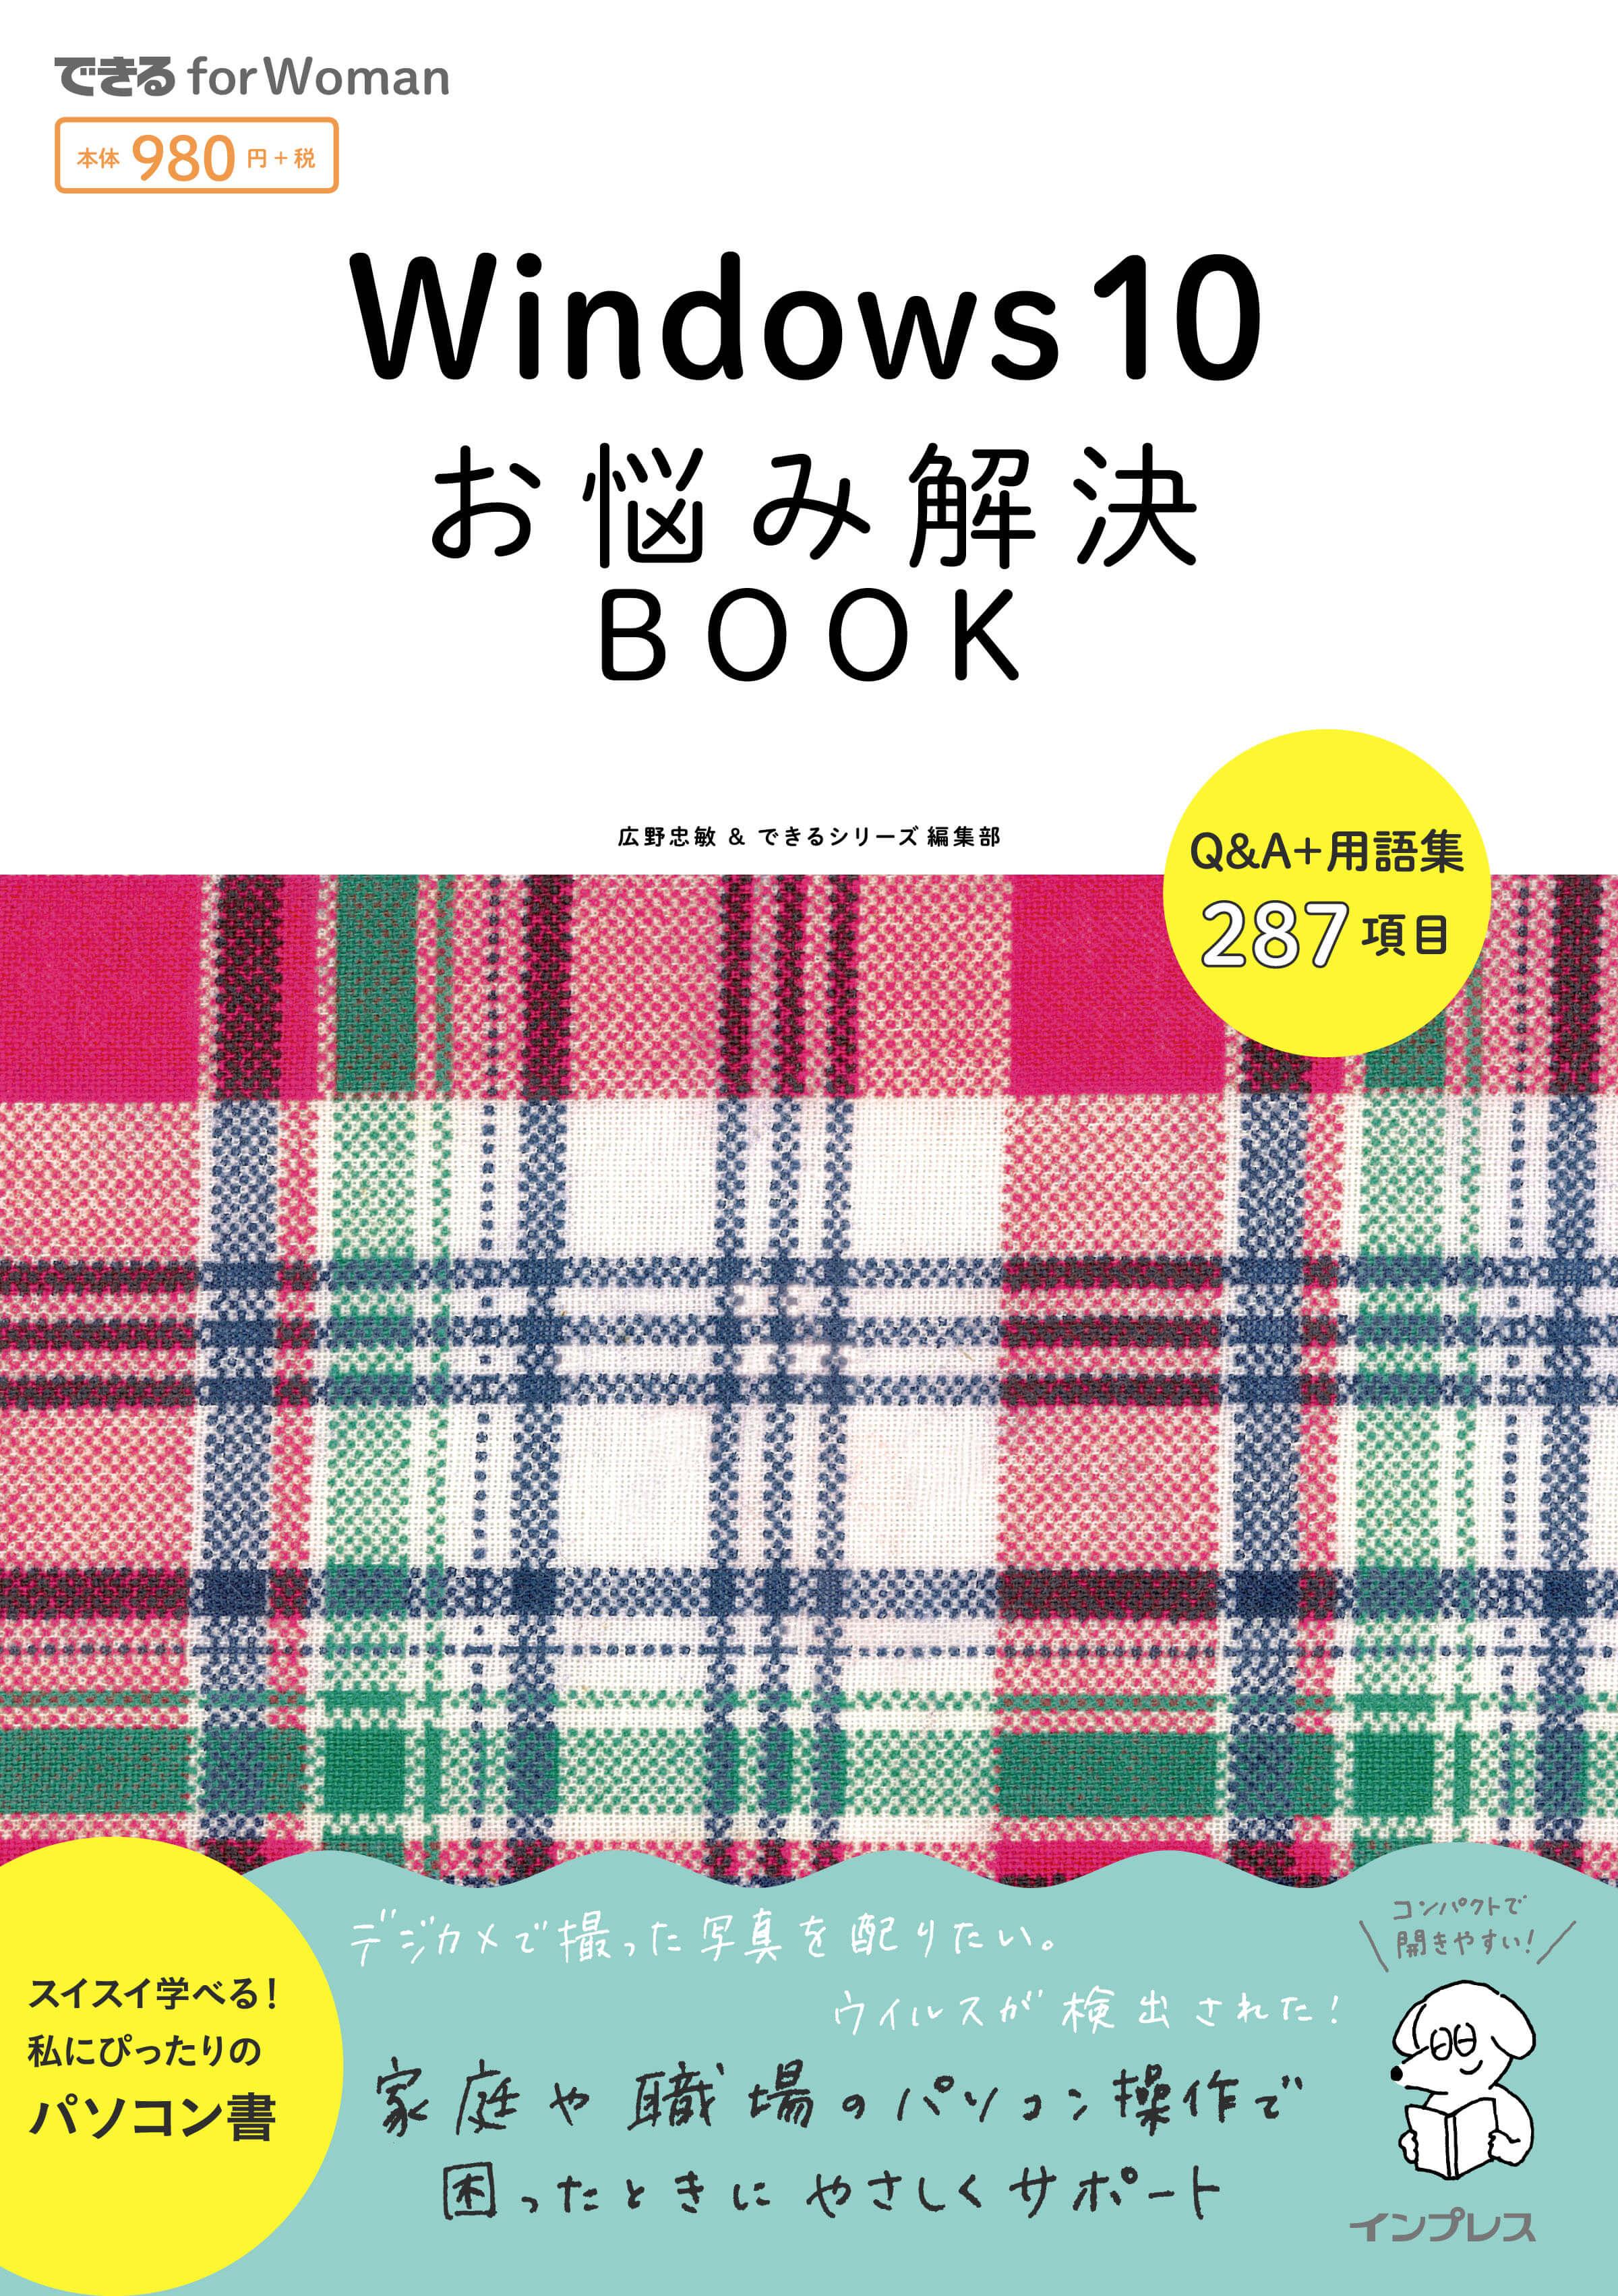 Windows 10 お悩み解決BOOK(できる for Woman)